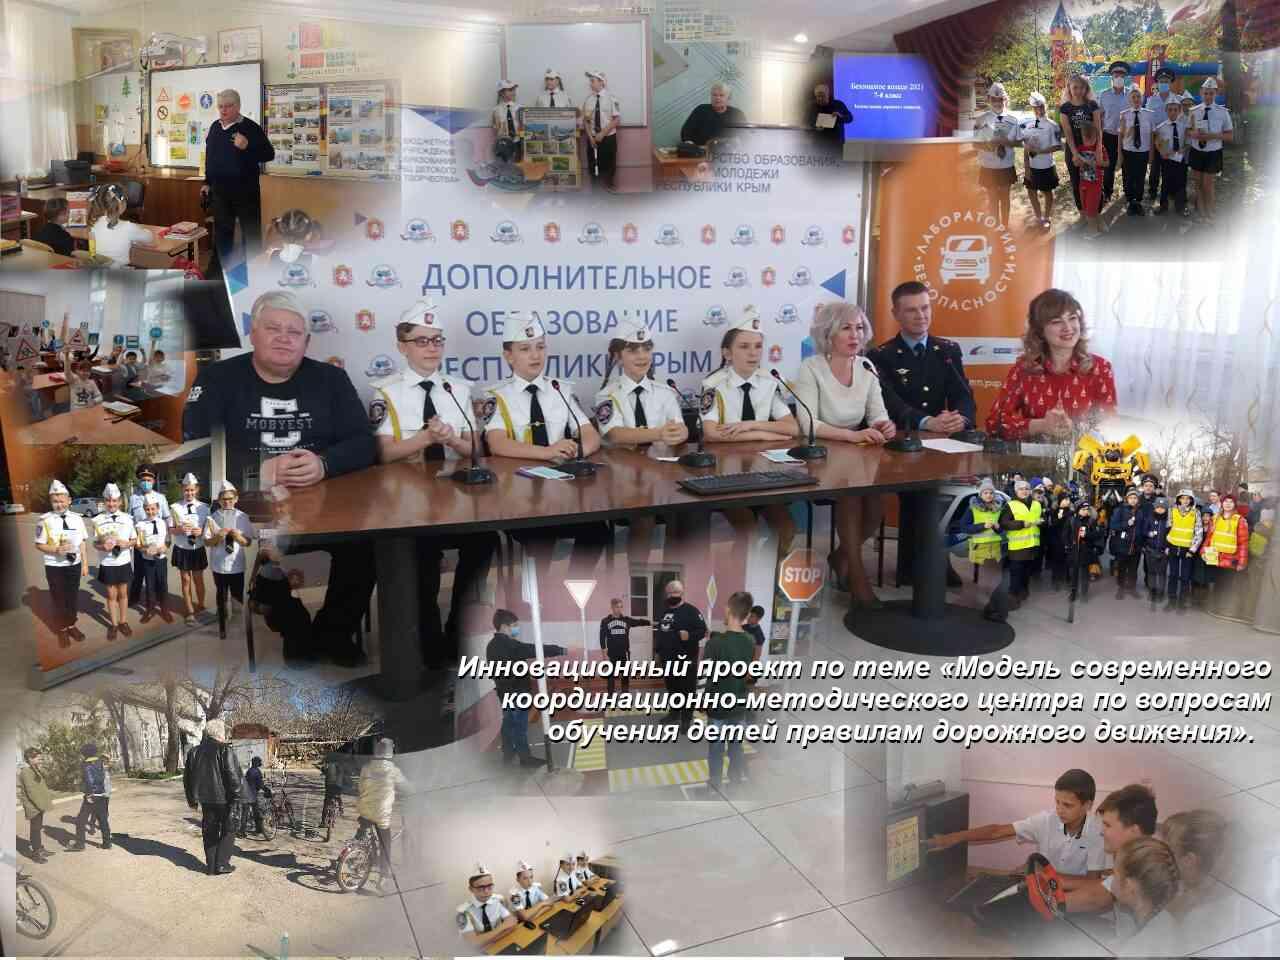 Национальный проект Образование. г. Джанкой